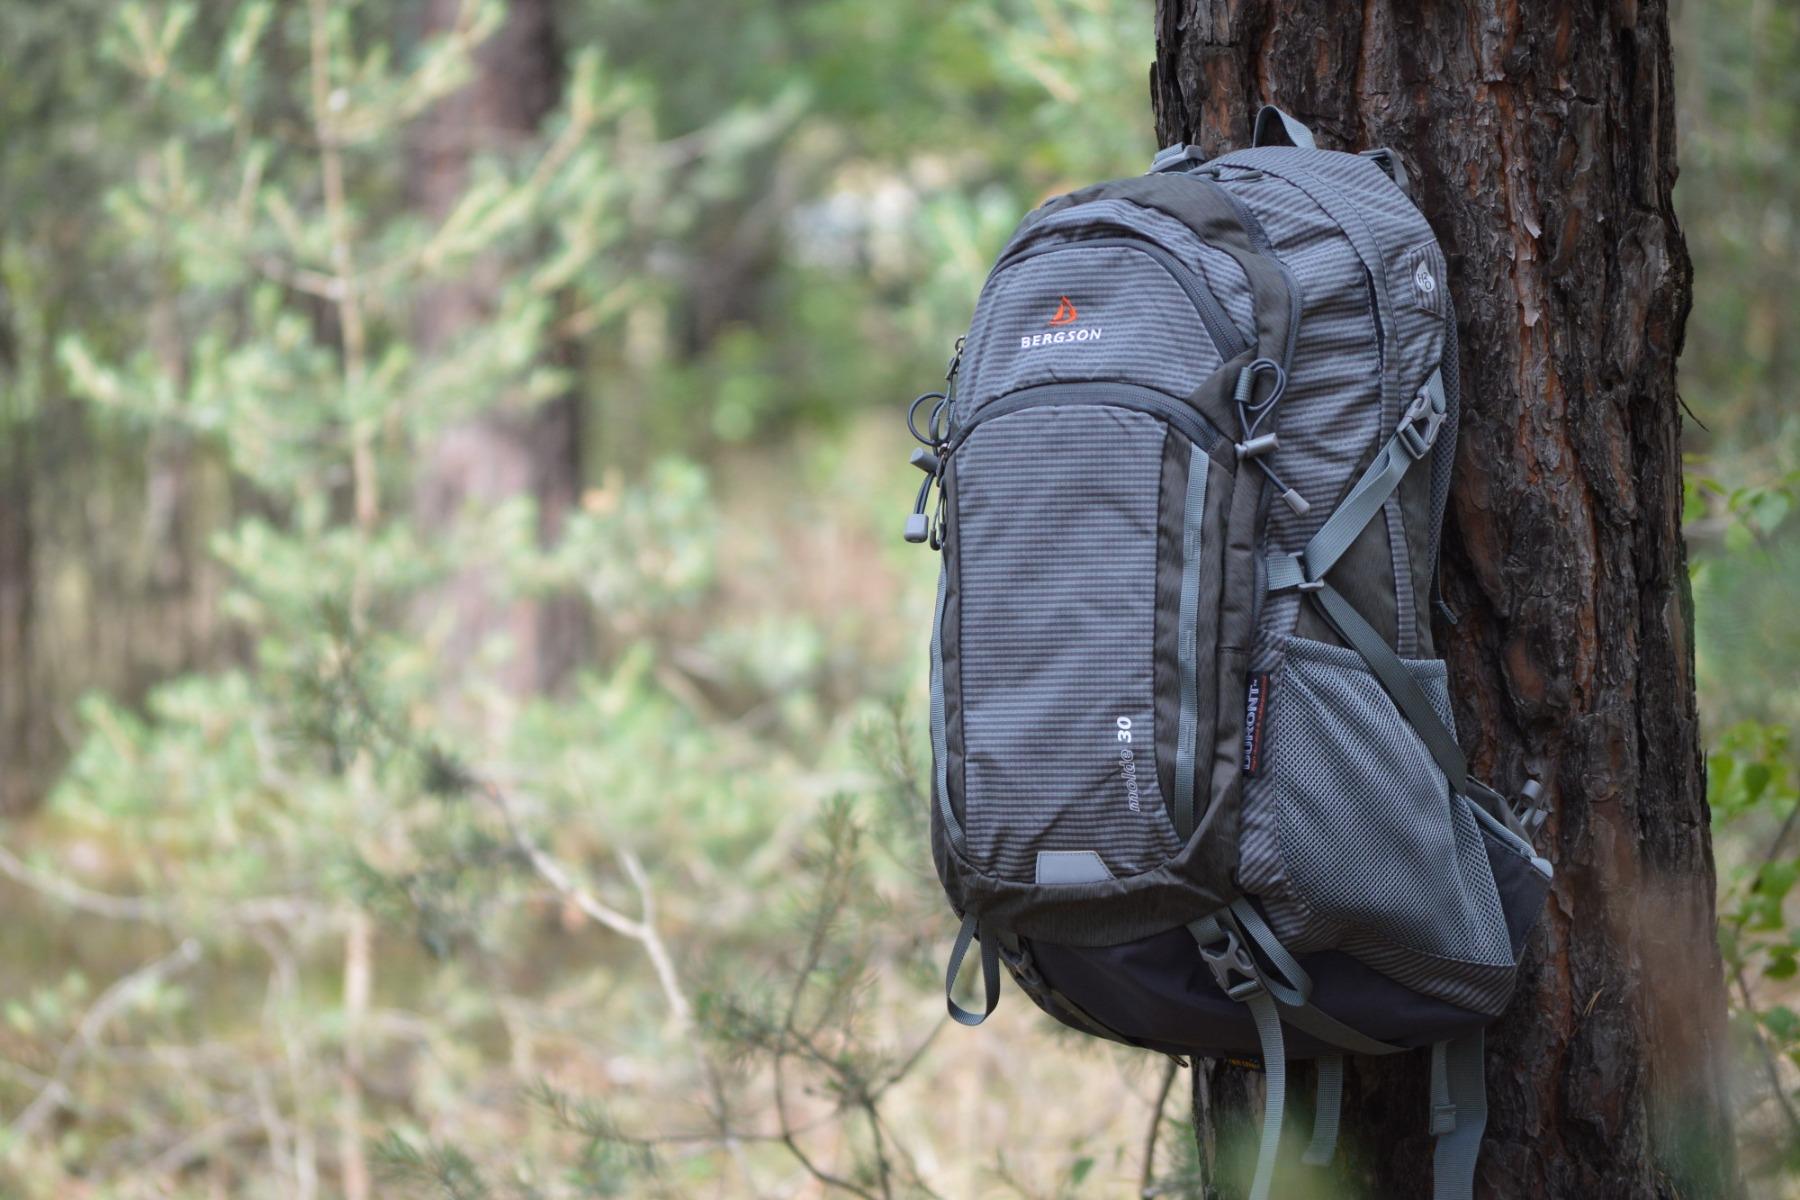 Plecak Molde marki Bergson świetnie sprawdzi się na każdej wycieczce.